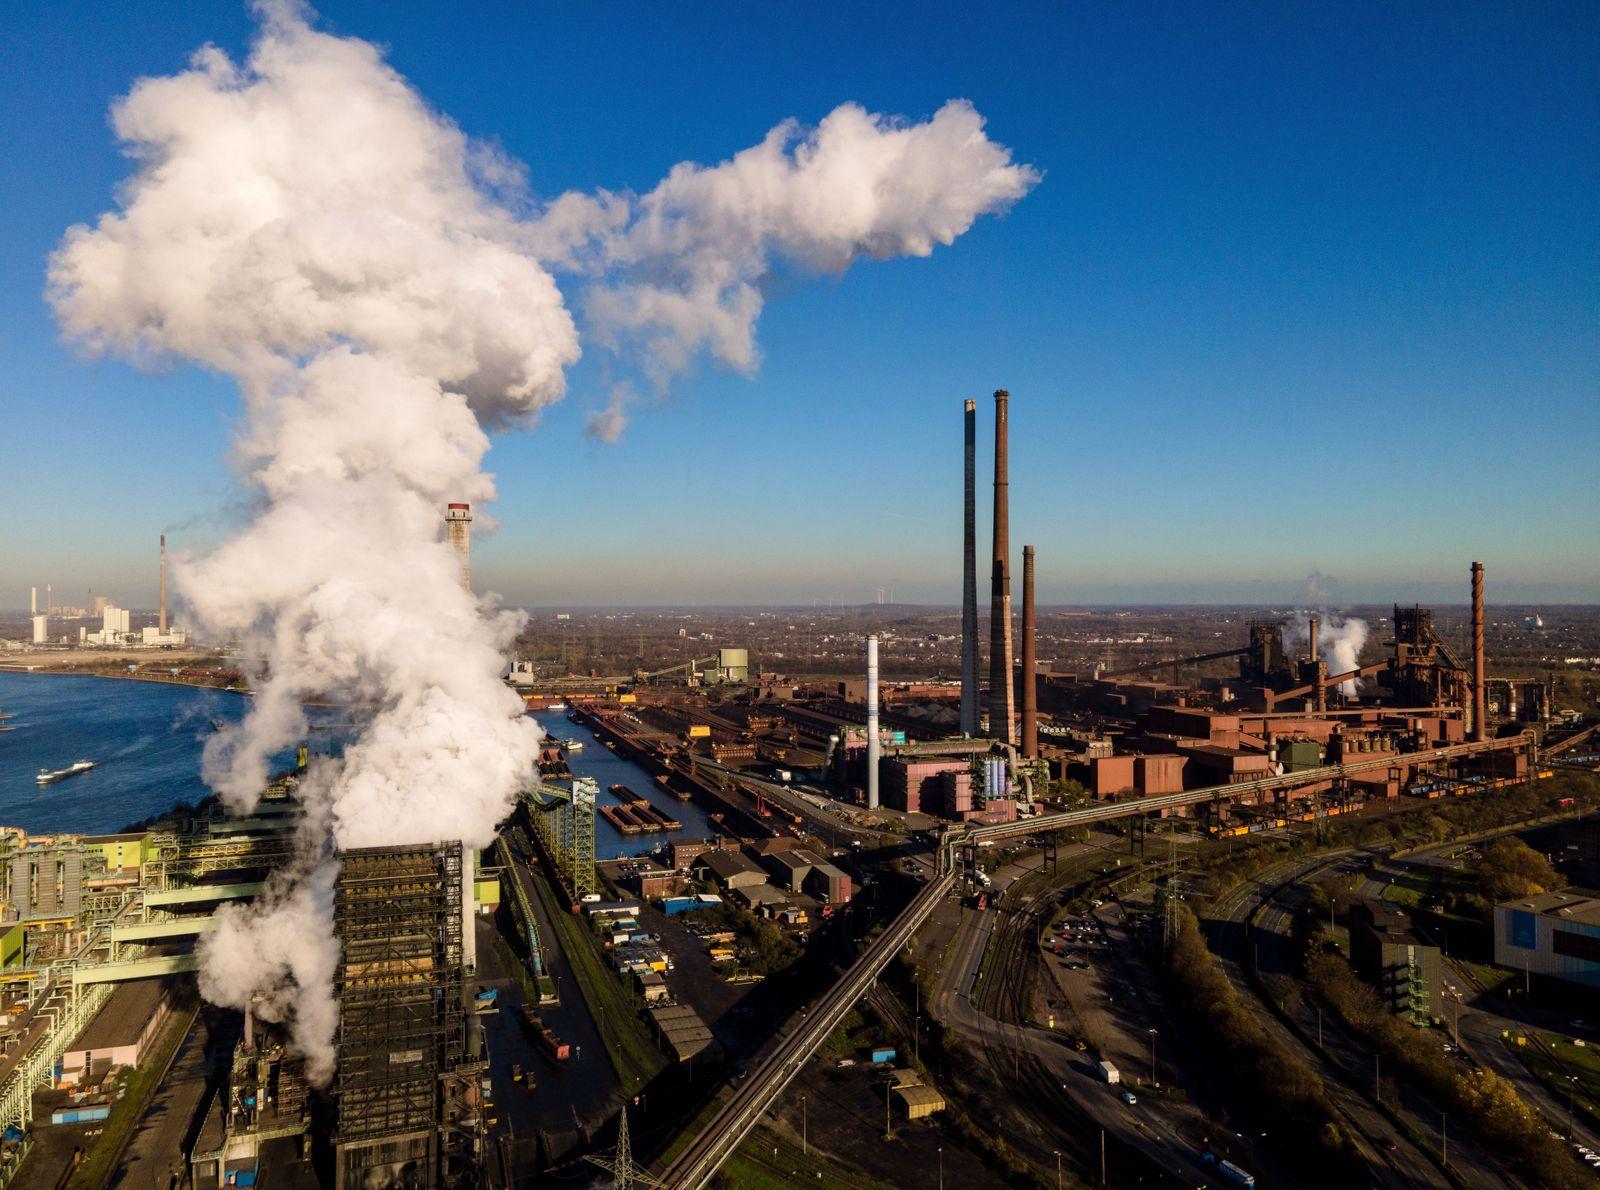 ThyssenKrupp steel plant Duisburg, Germany - 18 Nov 2020